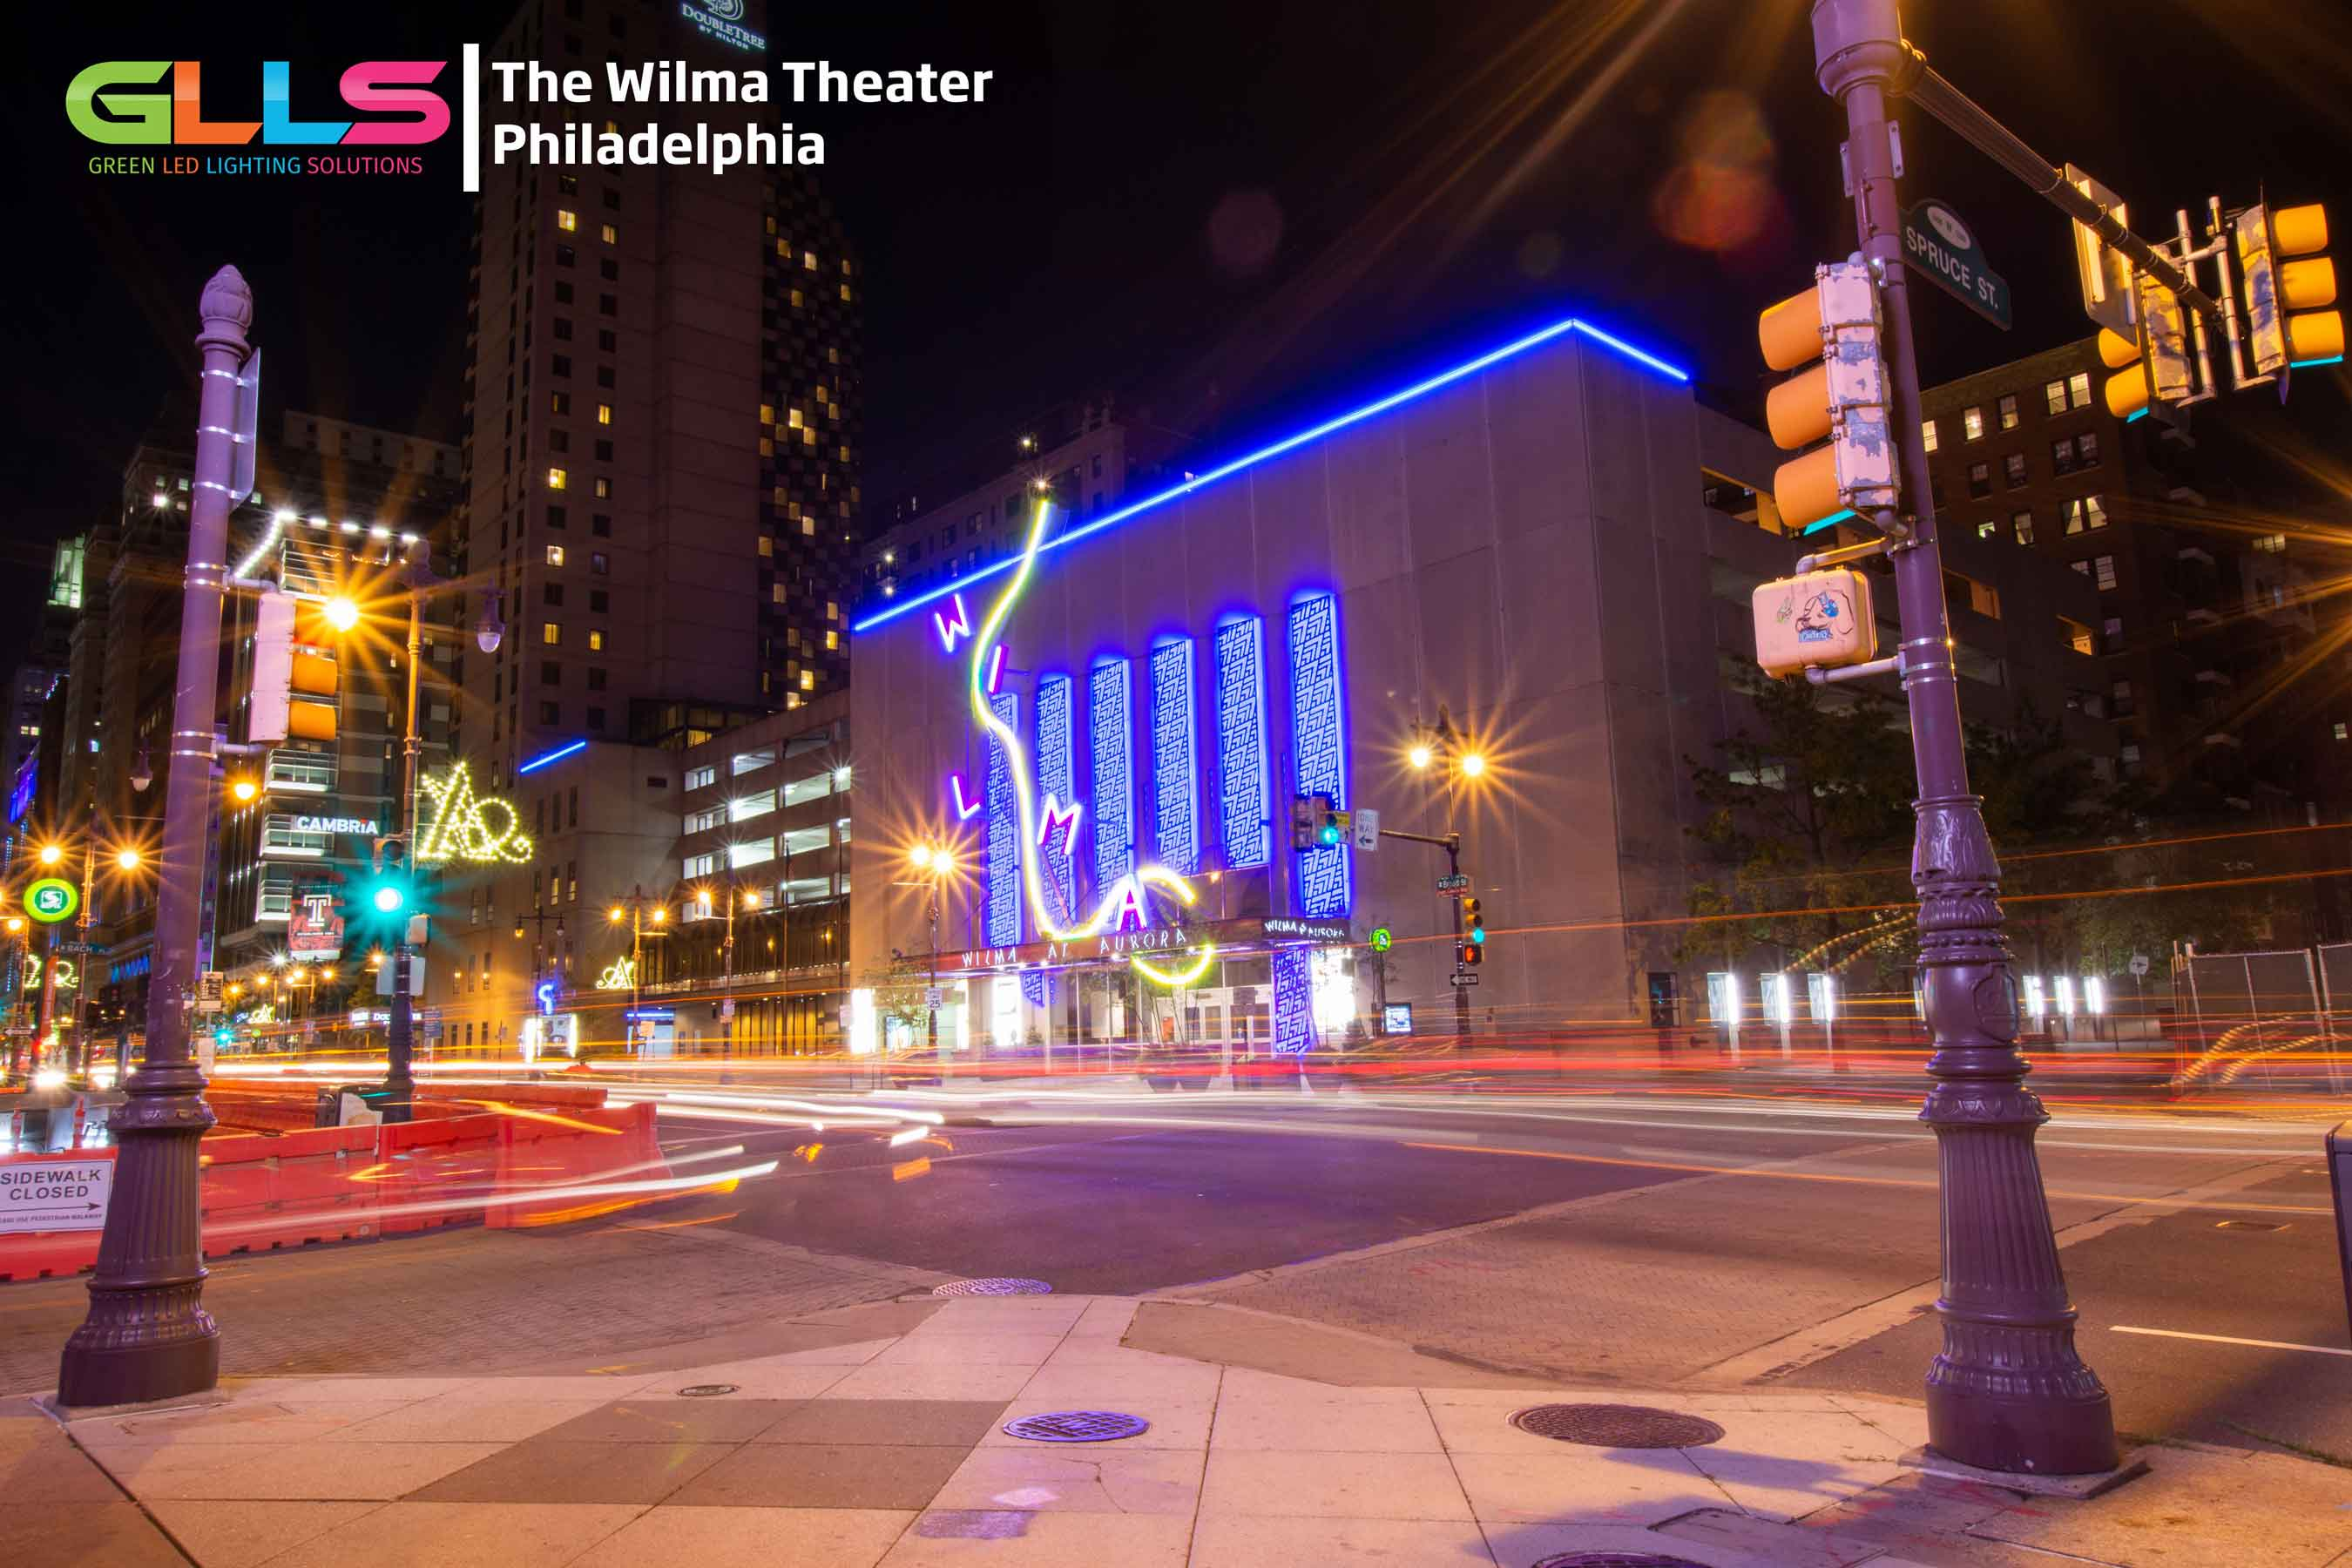 The-Wilma-Theater-Philadelphia-Wide